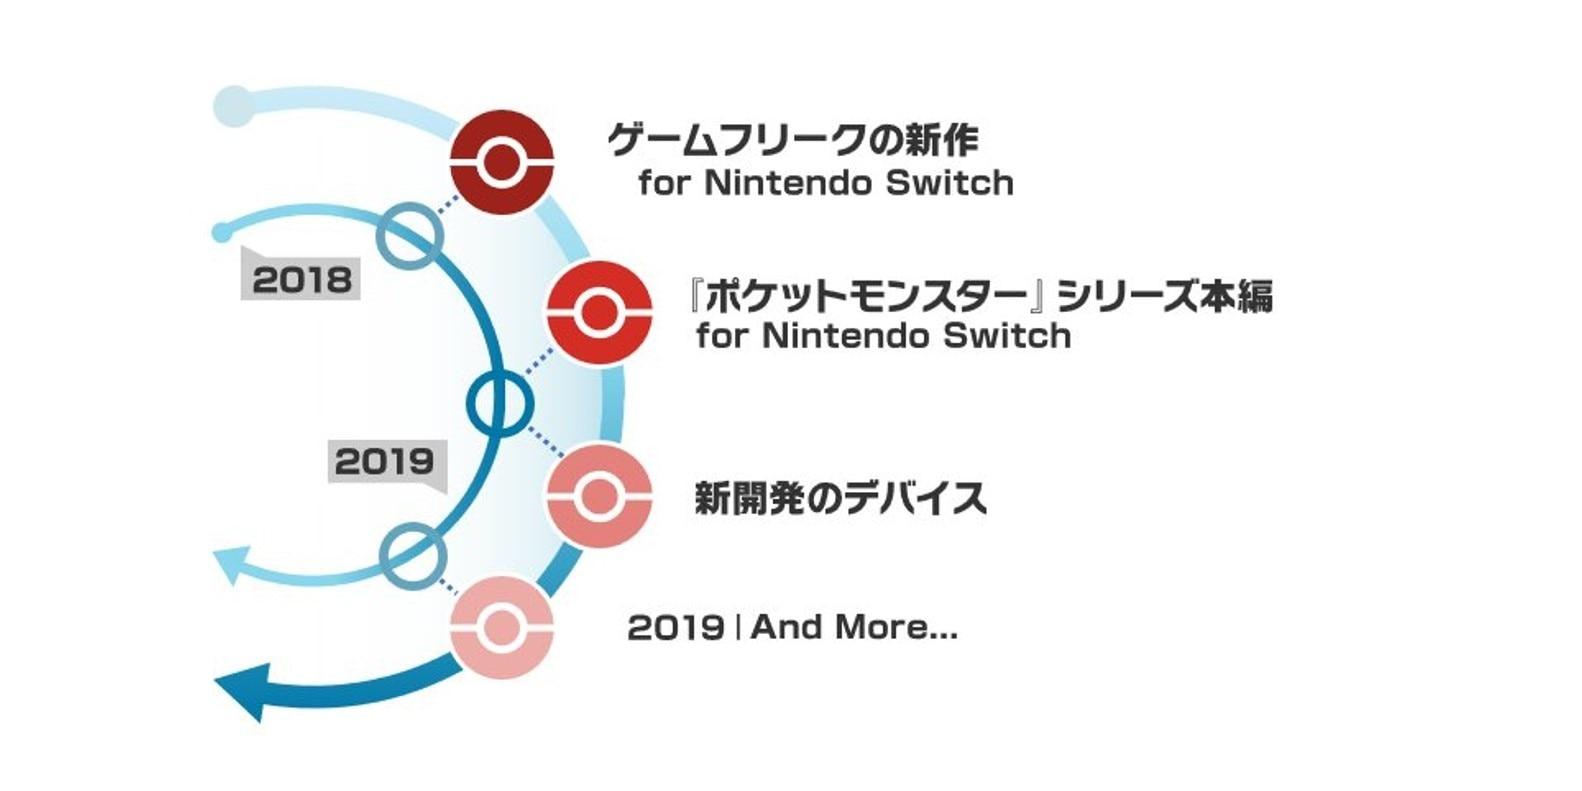 ポケモン最新作がswitchで2018年に発売決定!【let'go!ピカチュウ/イーブイ】